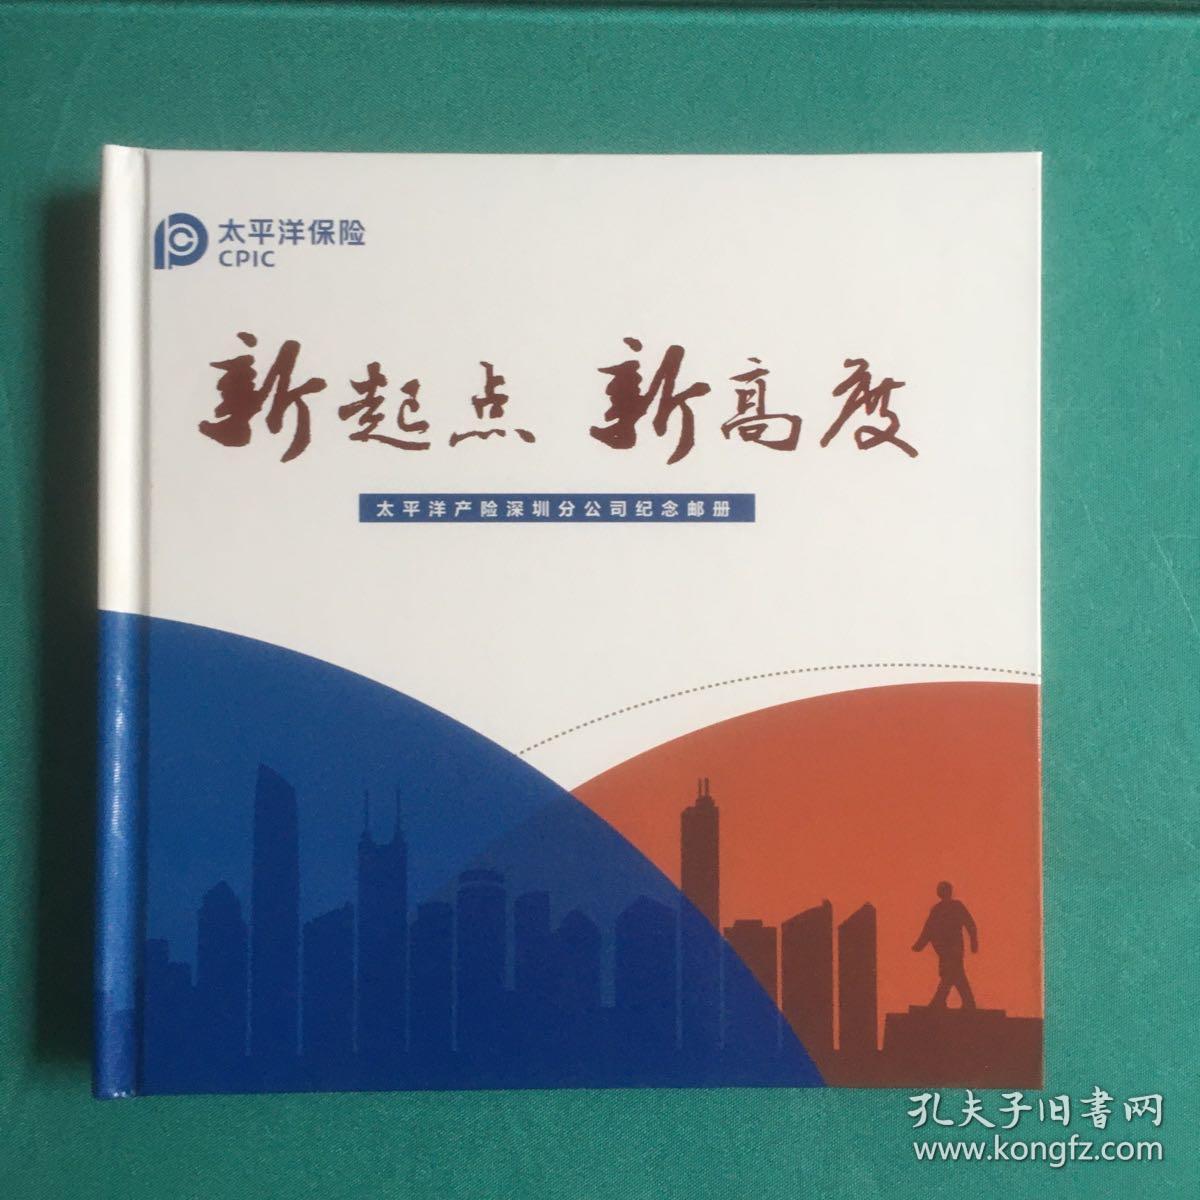 太平洋产险深圳分公司纪念邮册(面额24.78元)